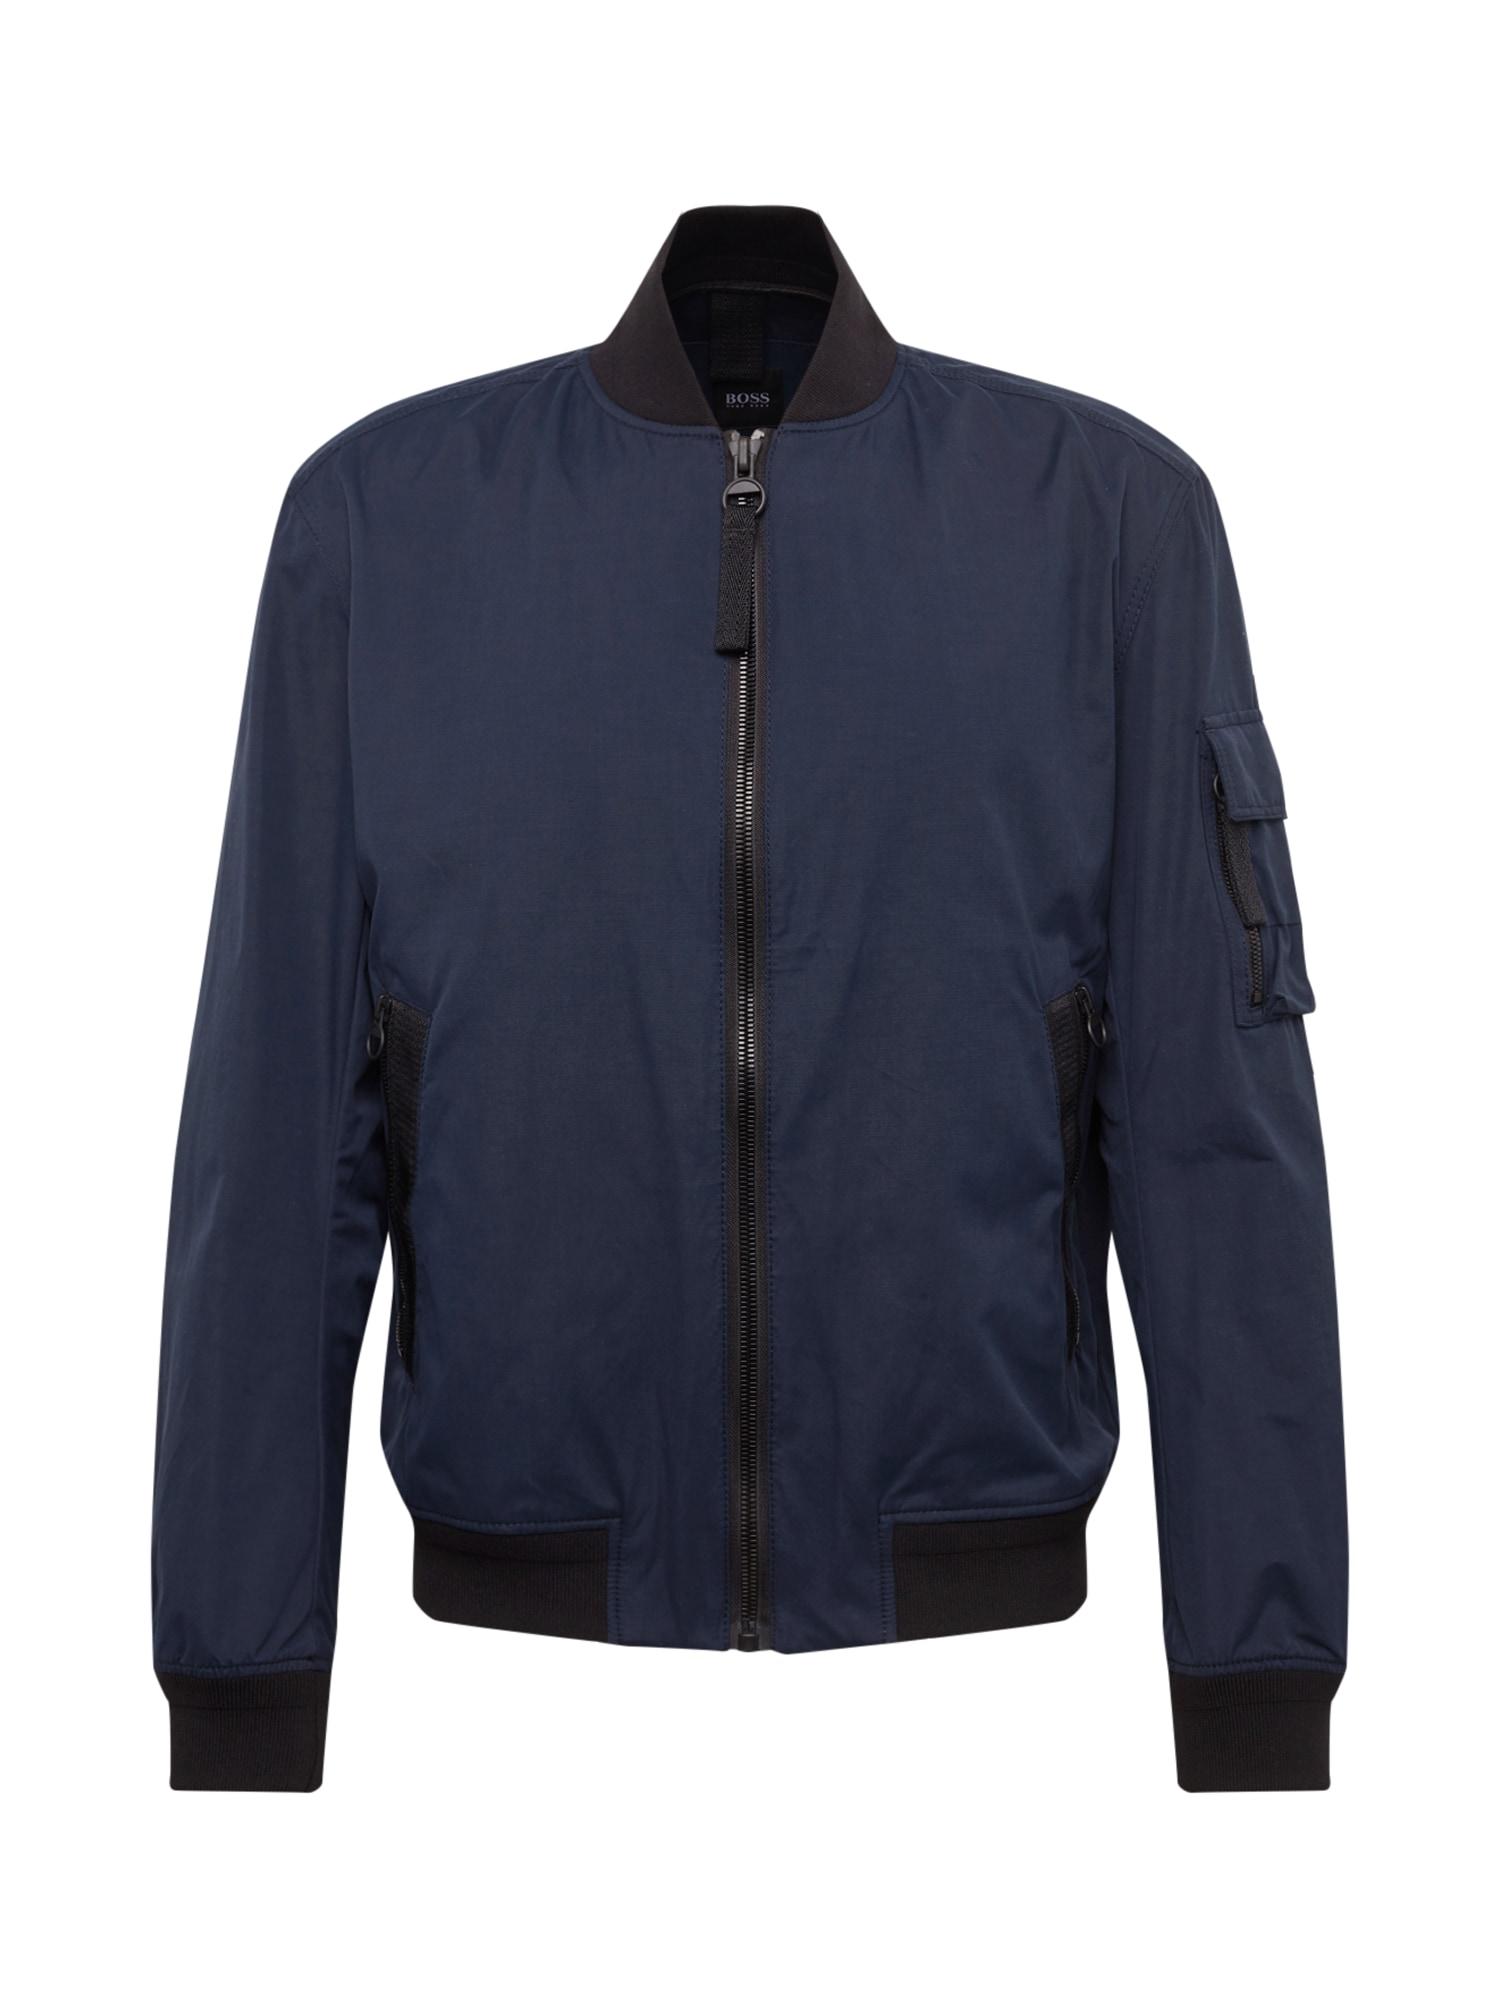 Přechodná bunda Obani 10217407 01 tmavě modrá BOSS